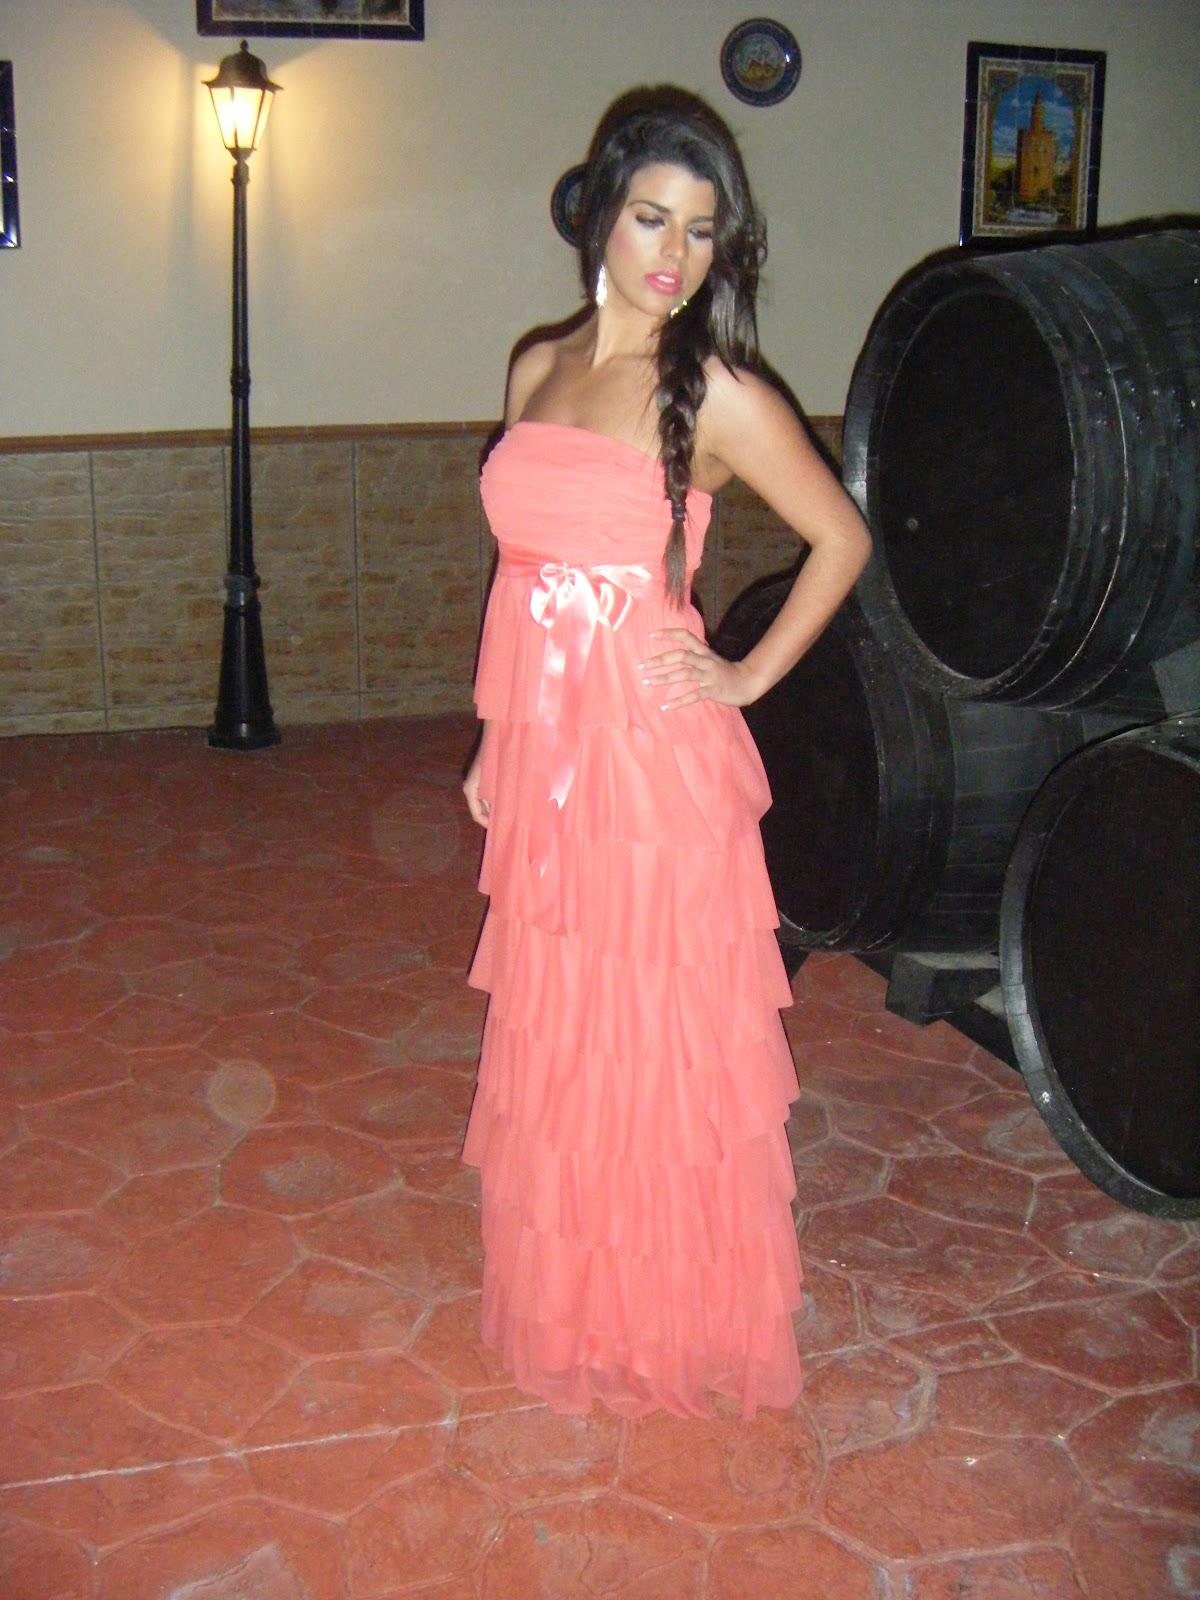 Moderno Vestidos De Fiesta Desagradables Imagen - Colección de ...